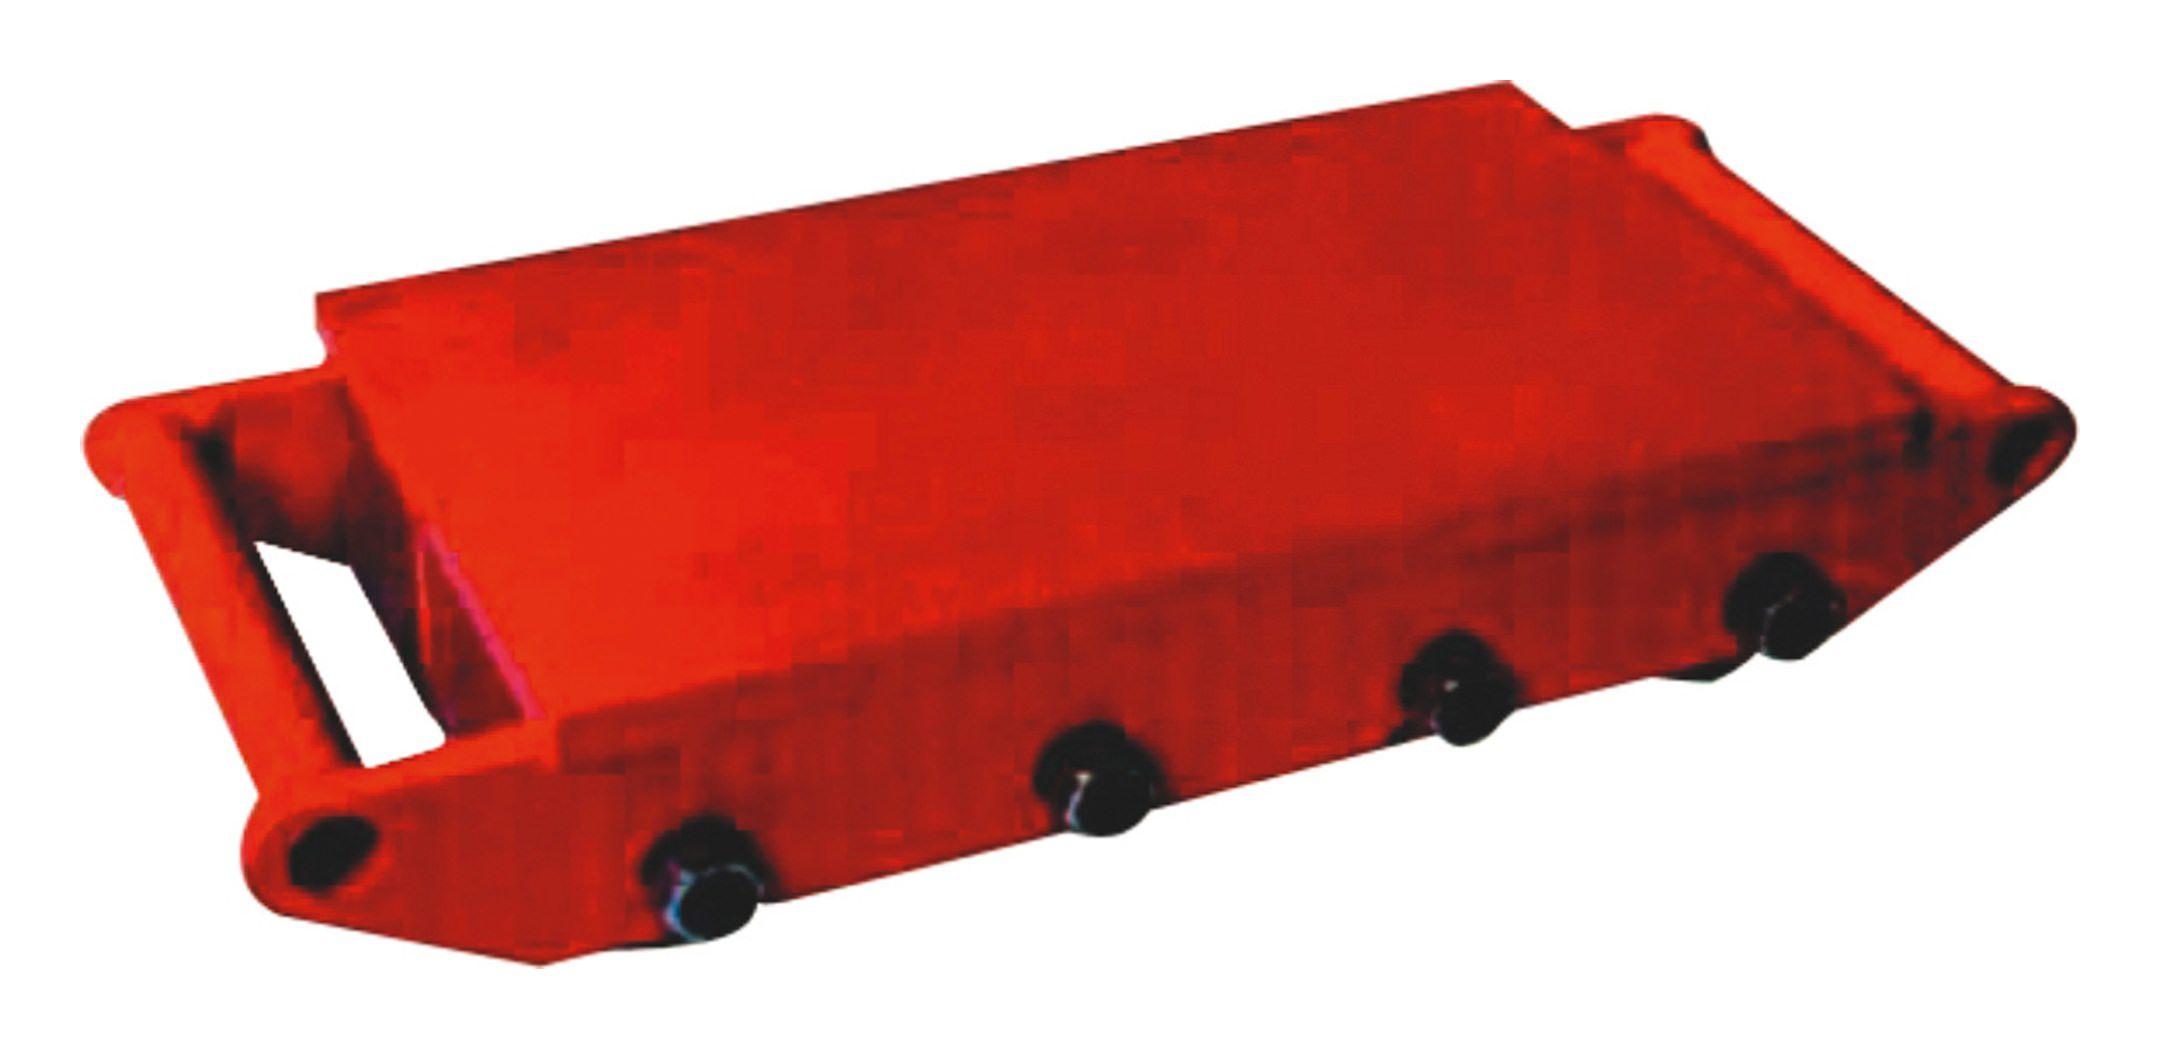 Transportroller 6 Tonnen CT-4 - 30 x 22,2 x 10 cm